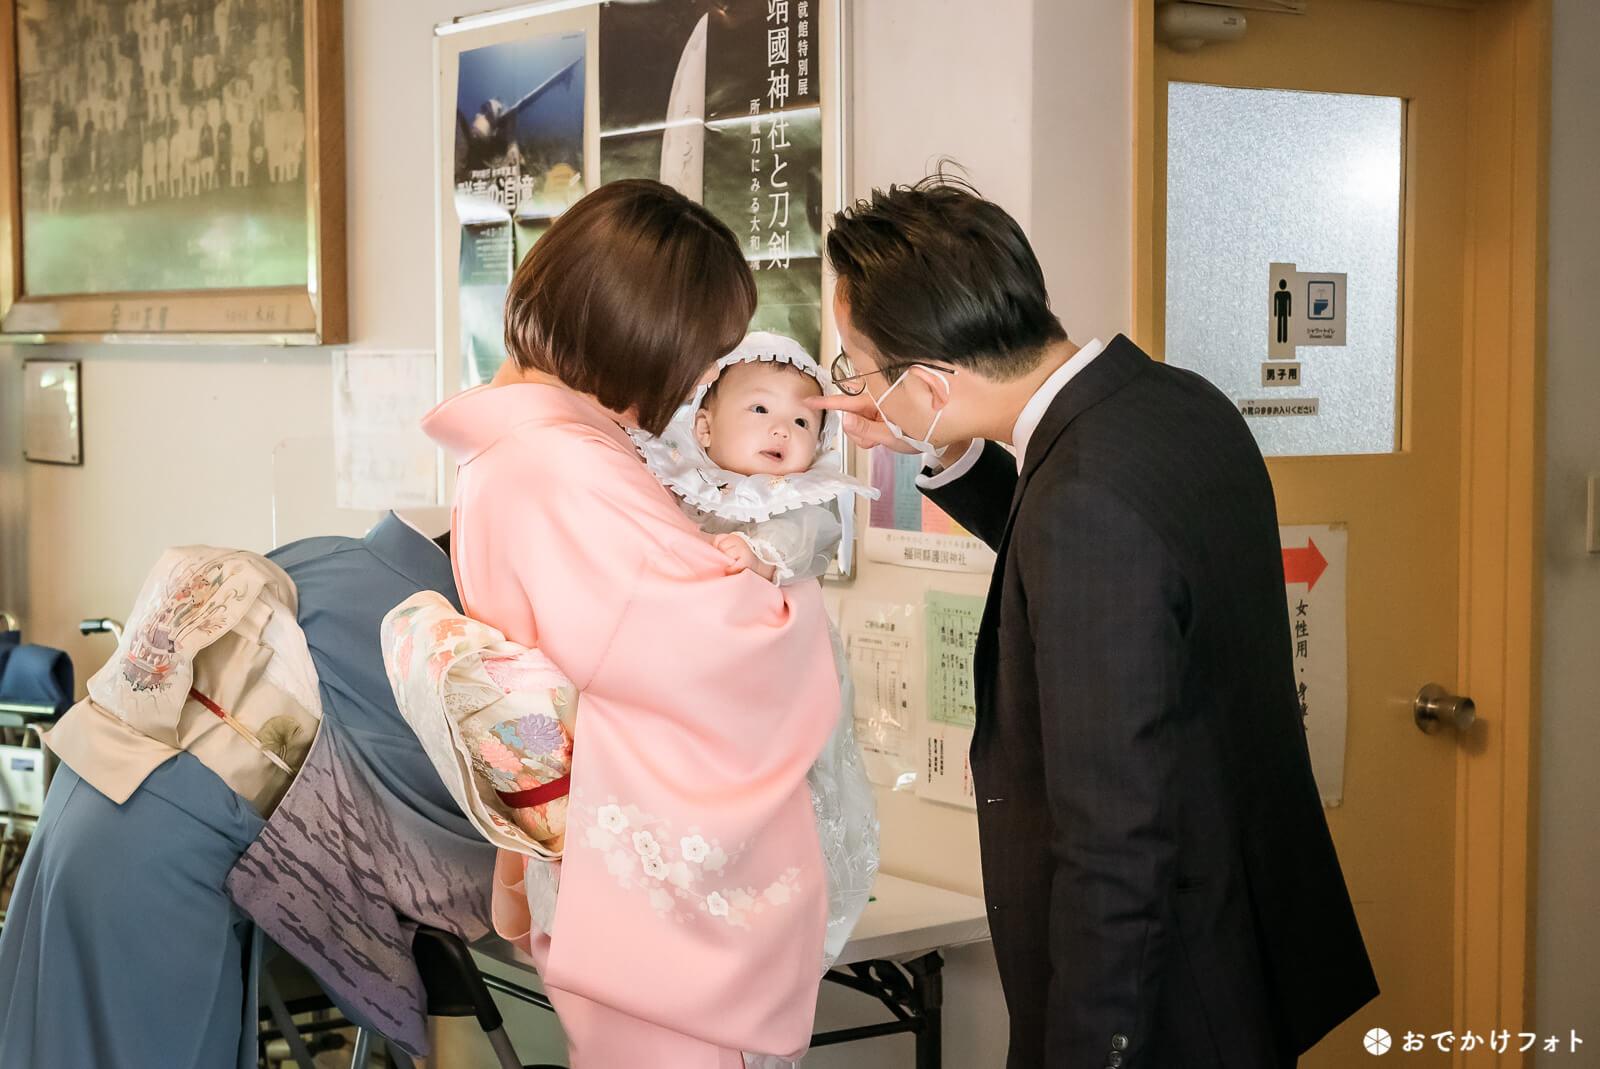 福岡県護国神社でお宮参り写真の出張ロケーション撮影